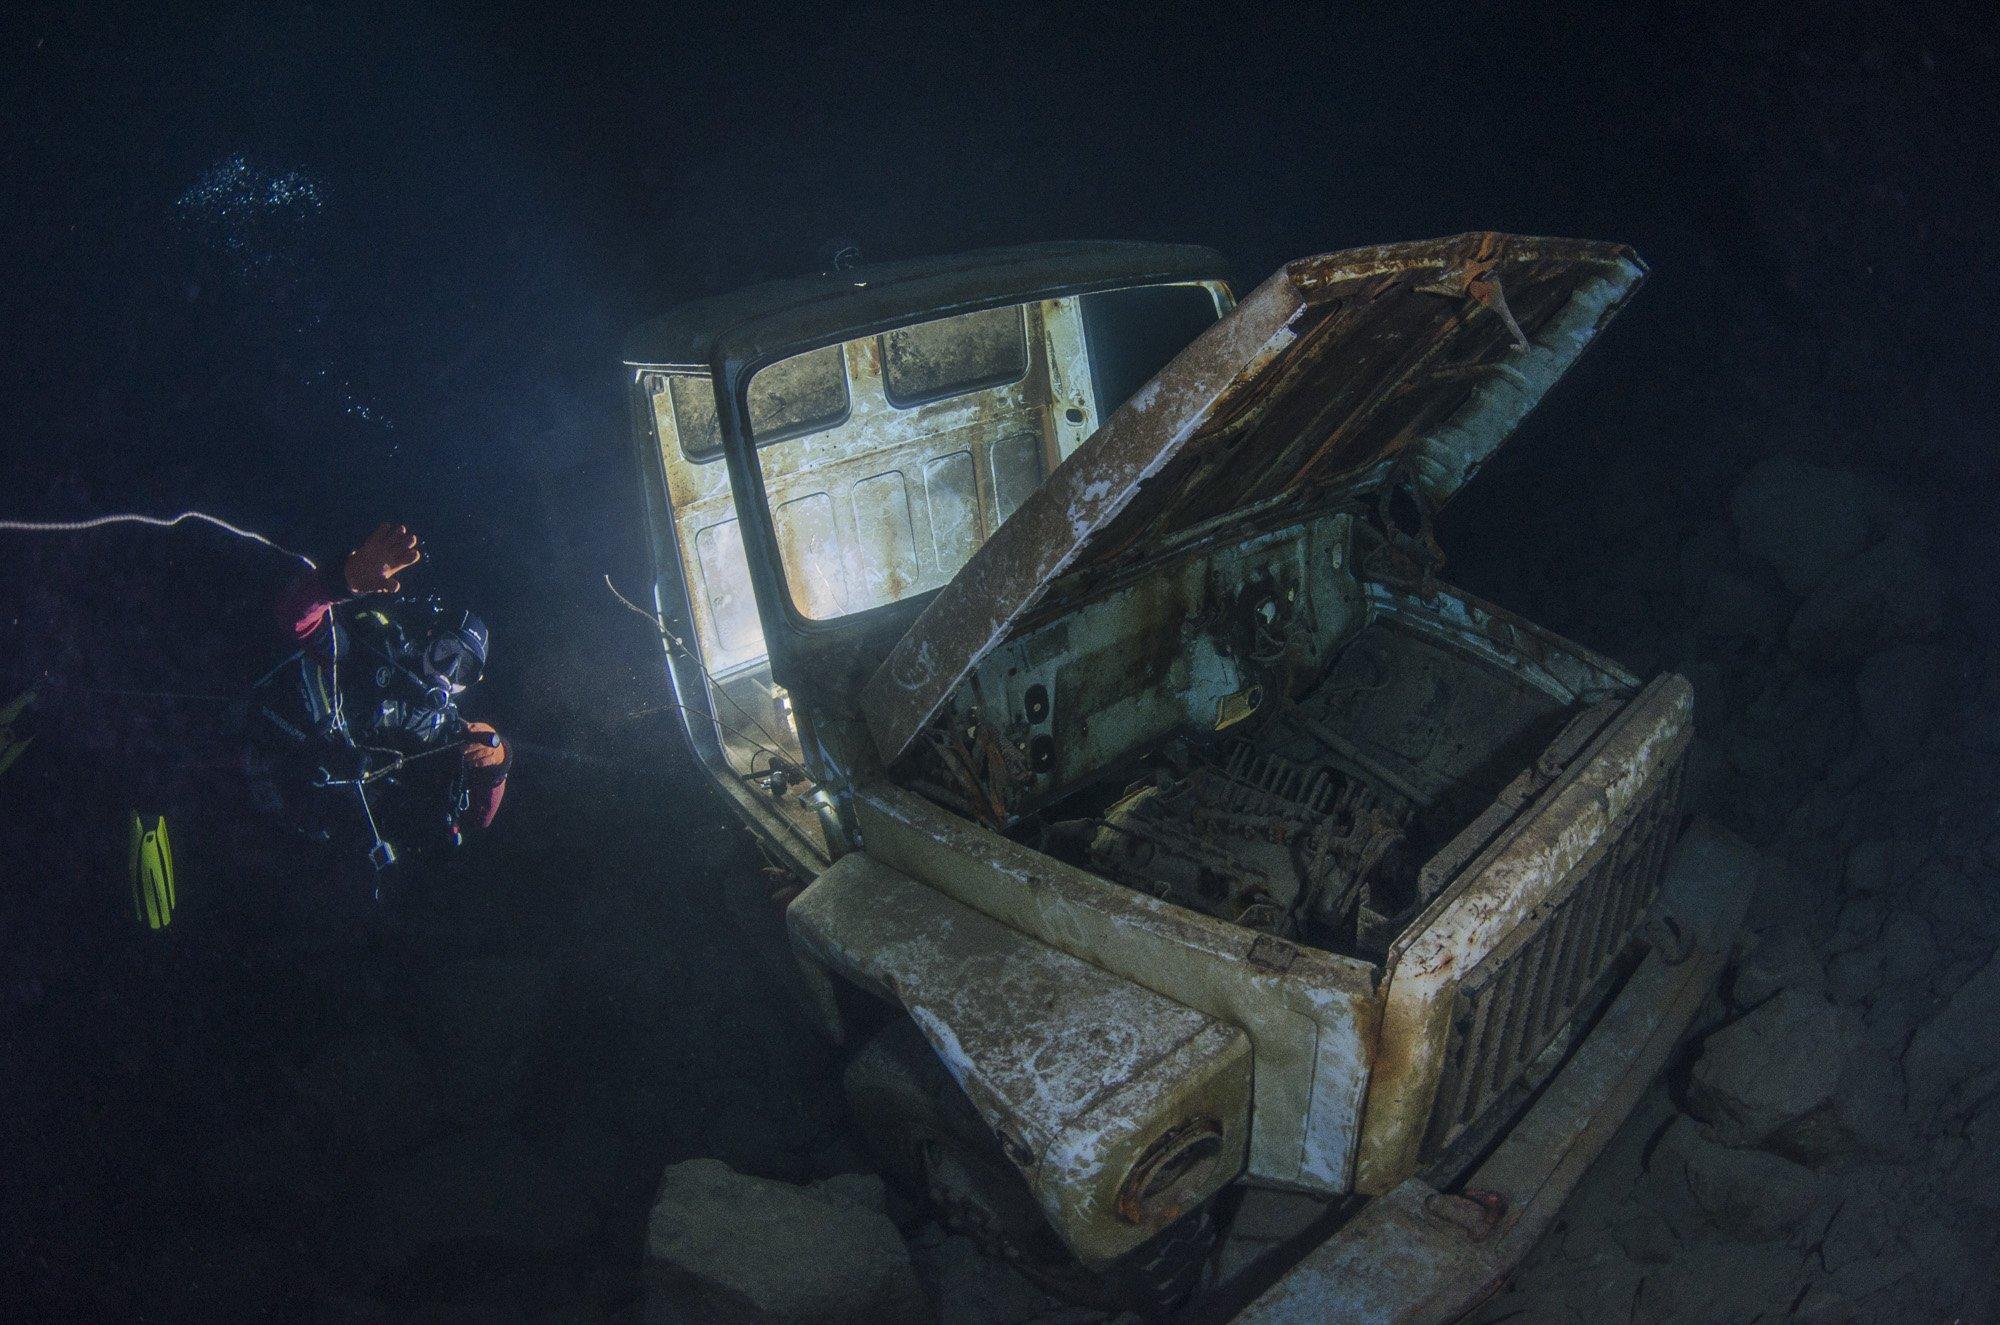 под водой, подводный мир, дайвинг, Дмитрий Старостенков